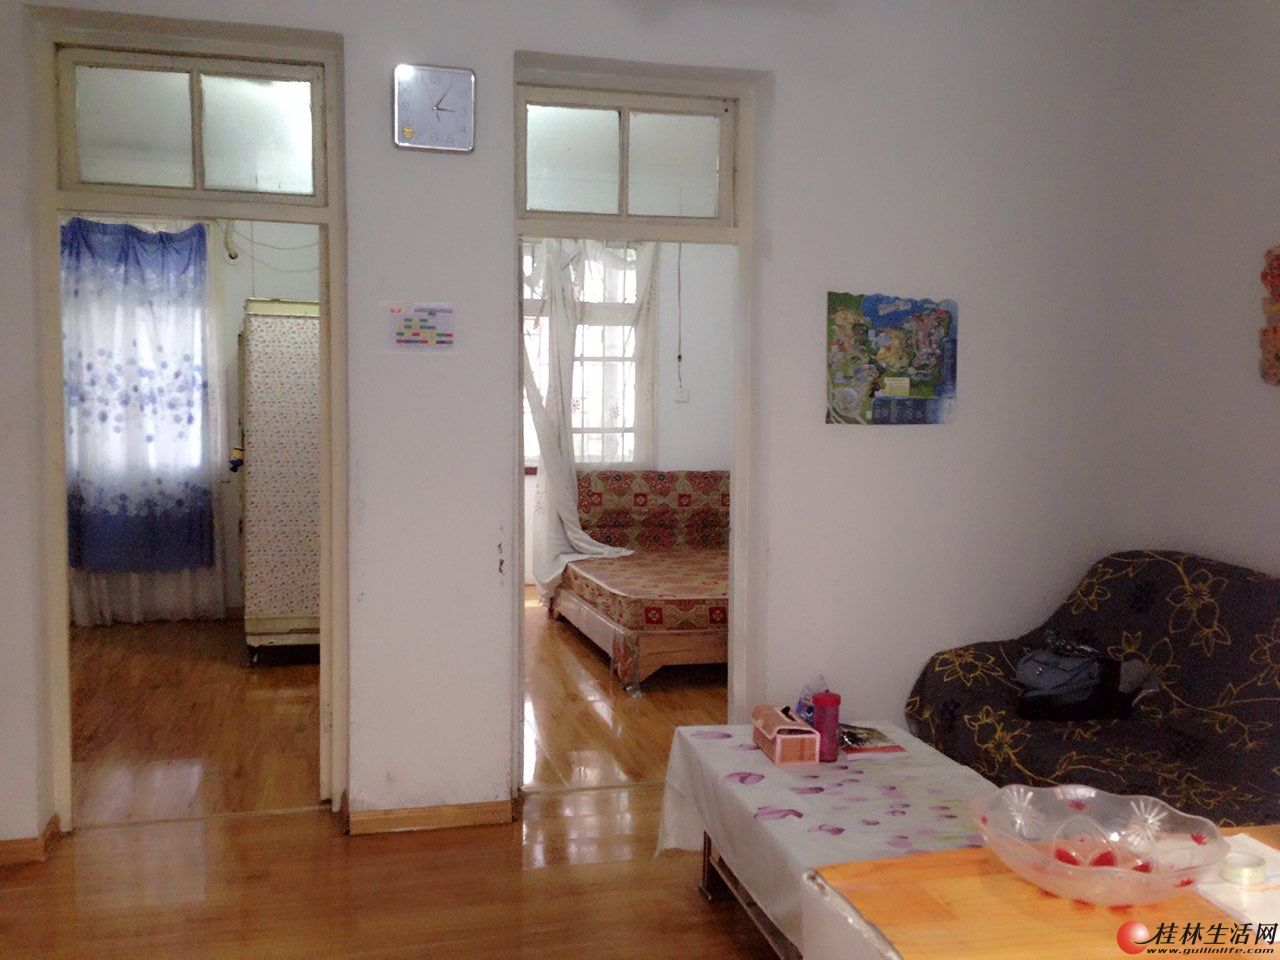 丹桂酒店后面可成里汽车站宿舍,二楼 2房1厅65平方家具家电全 1000元/月可停车木地板